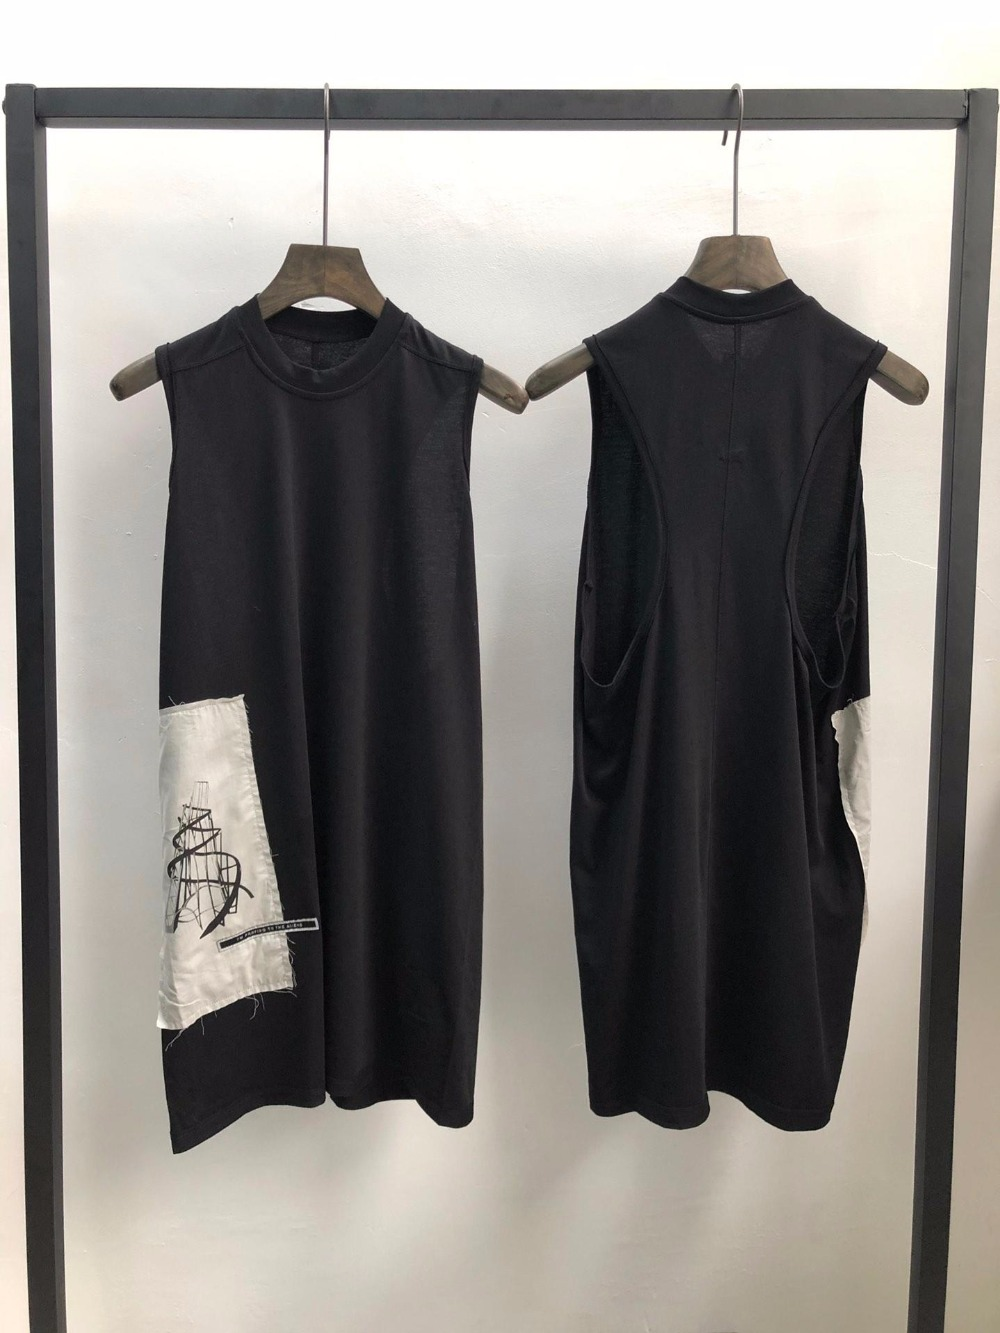 Camiseta sin mangas de los hombres de la seak de 19ss 100% algodón estilo gótico ropa de los hombres Tops camisetas de las mujeres del verano negro camisa talla XL-in Camisetas de tirantes from Ropa de hombre    1